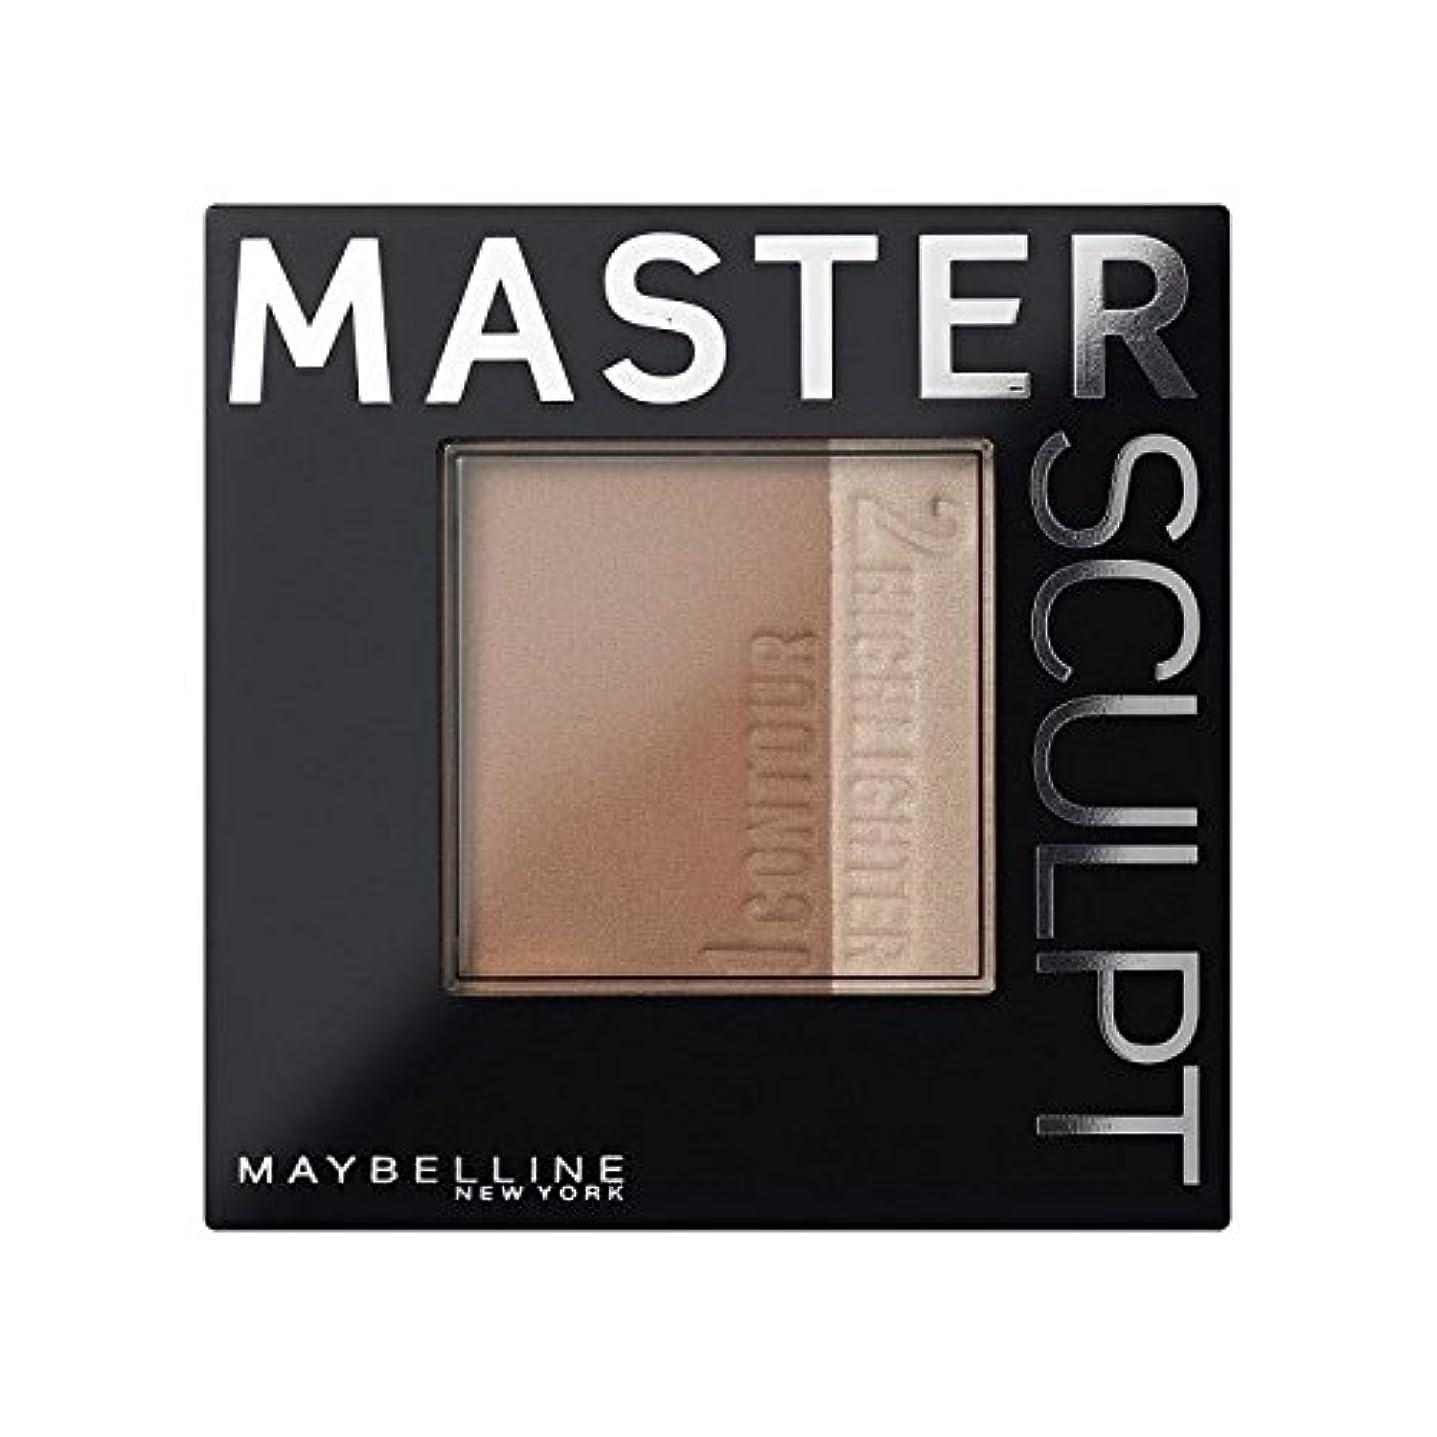 プロペラ機転副メイベリンマスタースカルプト基盤02の /暗い輪郭 x2 - Maybelline Master Sculpt Contouring Foundation 02 Med/Dark (Pack of 2) [並行輸入品]